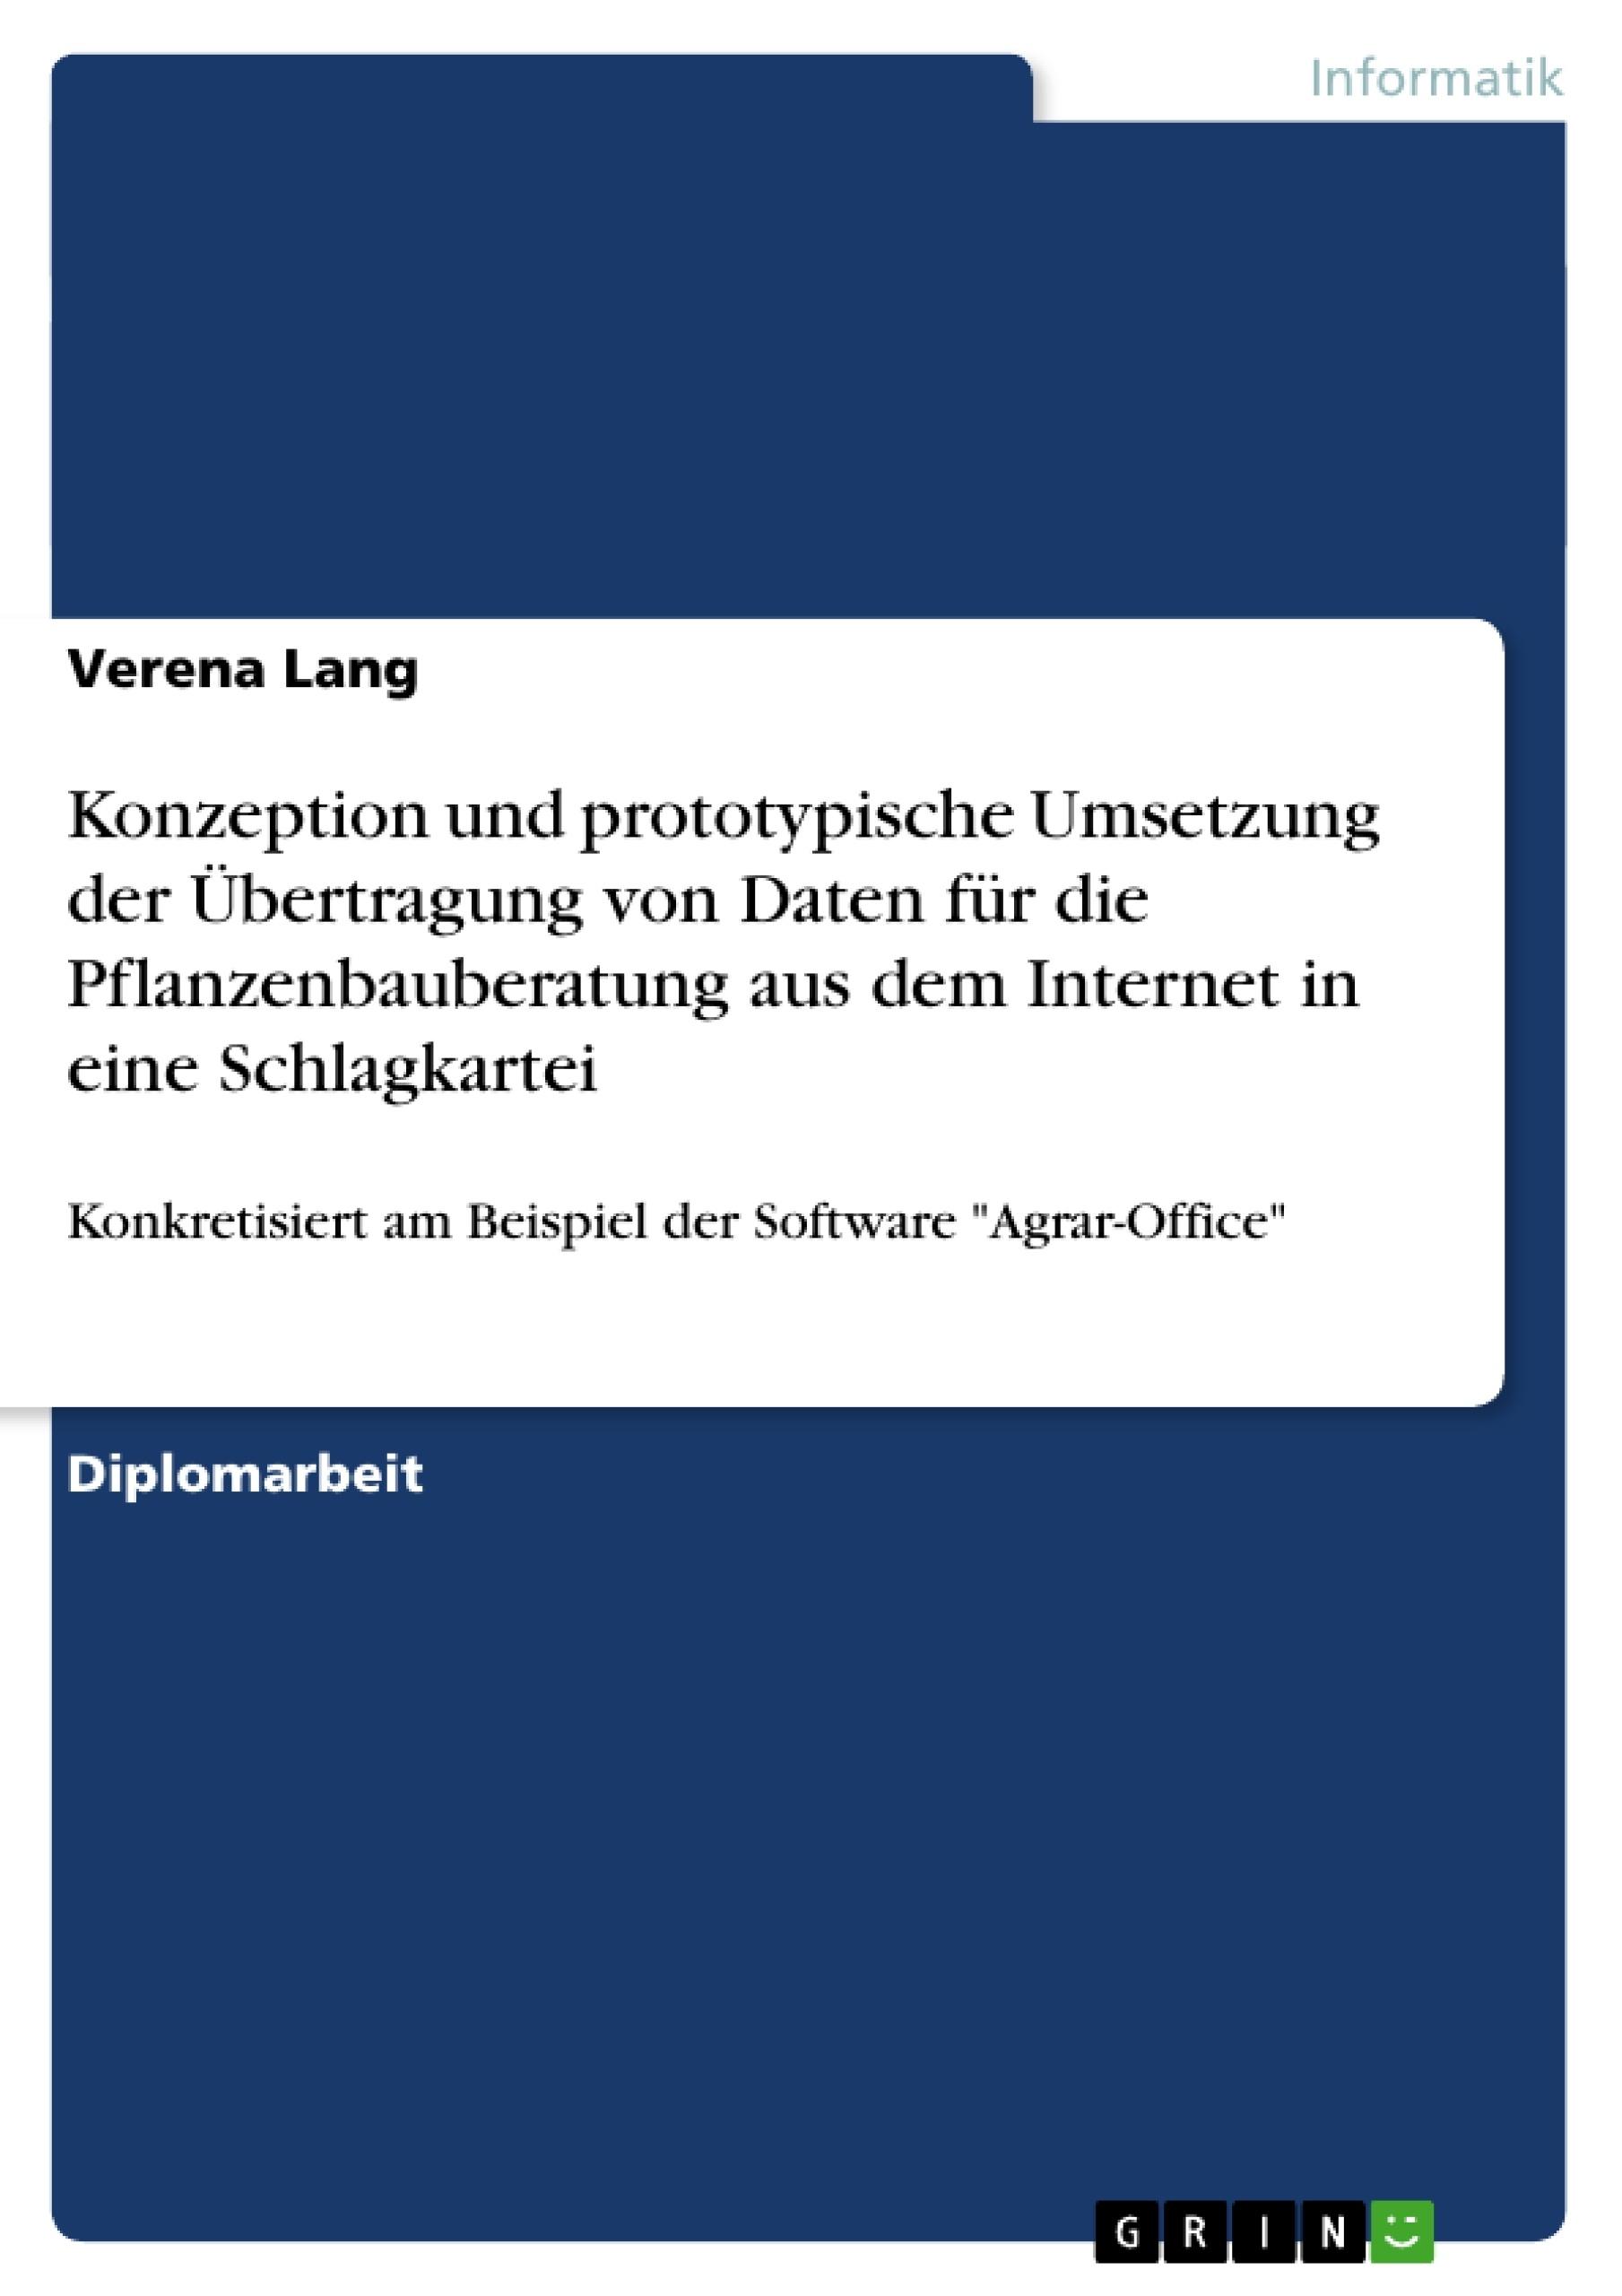 Titel: Konzeption und prototypische Umsetzung der Übertragung von Daten für die Pflanzenbauberatung aus dem Internet in eine Schlagkartei